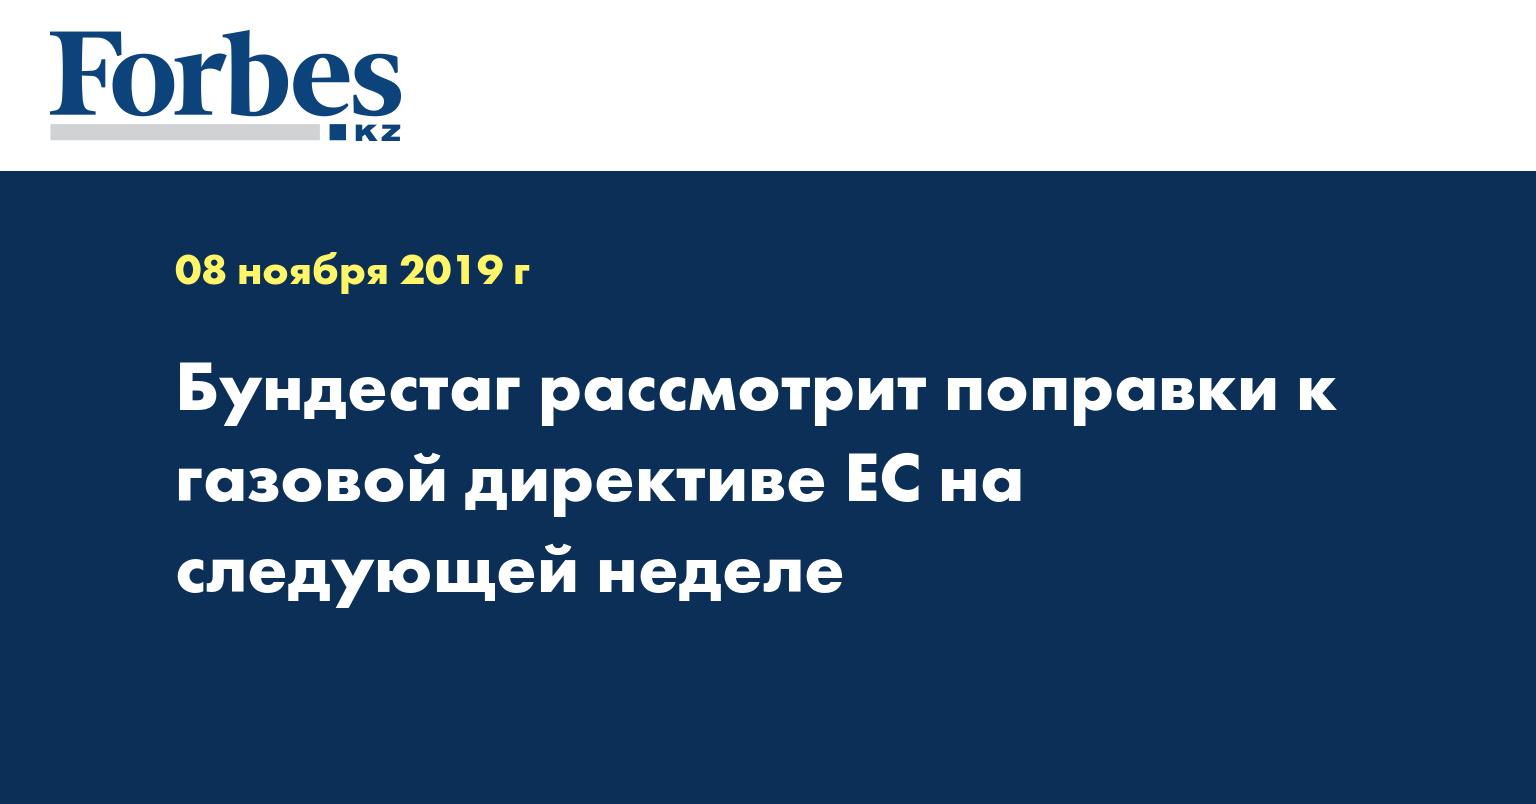 Бундестаг рассмотрит поправки к газовой директиве ЕС на следующей неделе